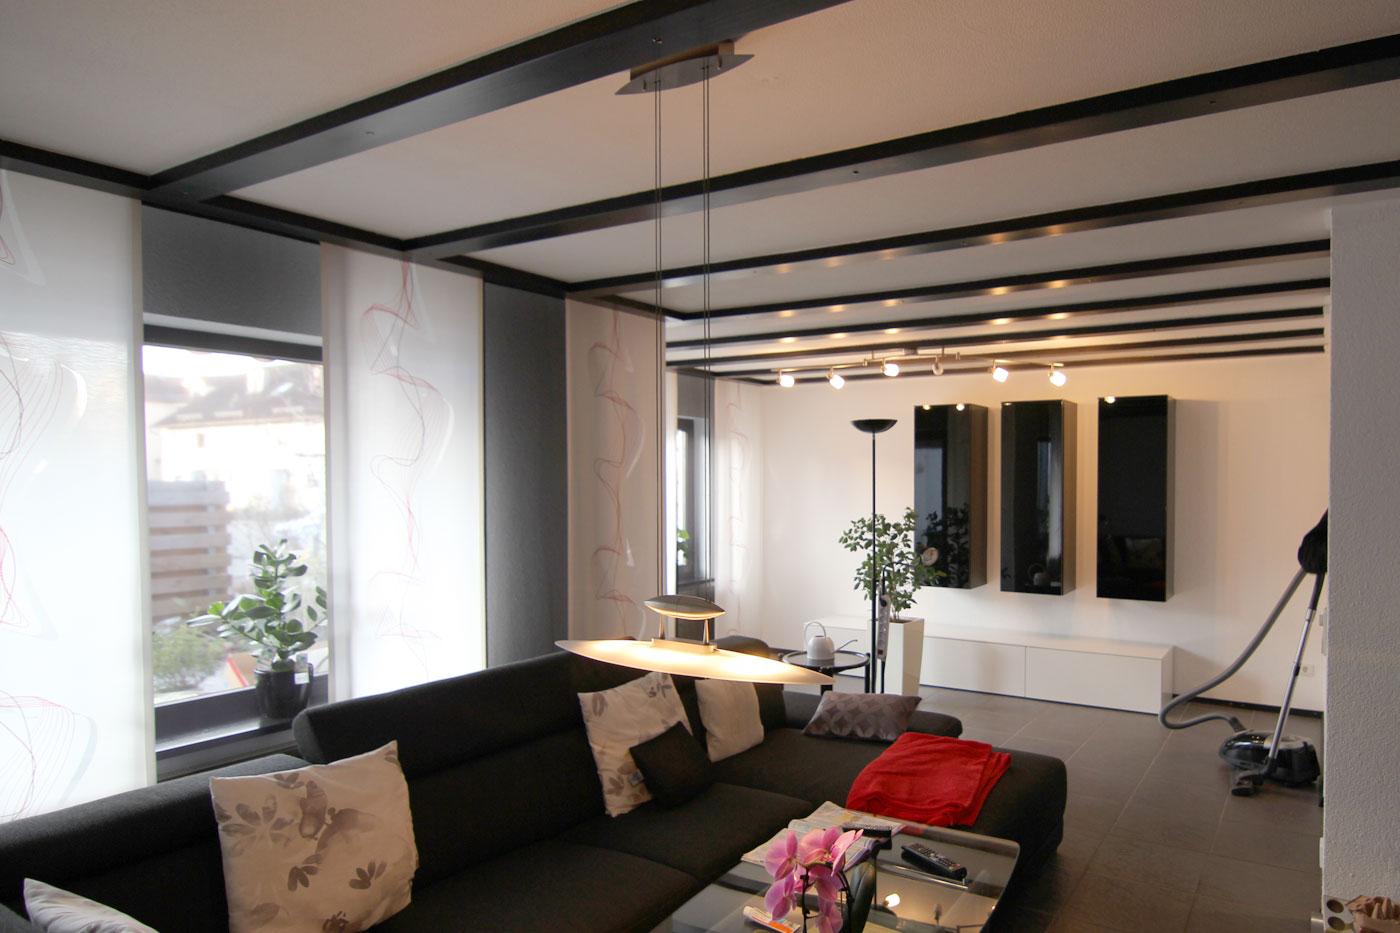 Spanndeckenstudio Teller - Referenzen - Wohnzimmer 004